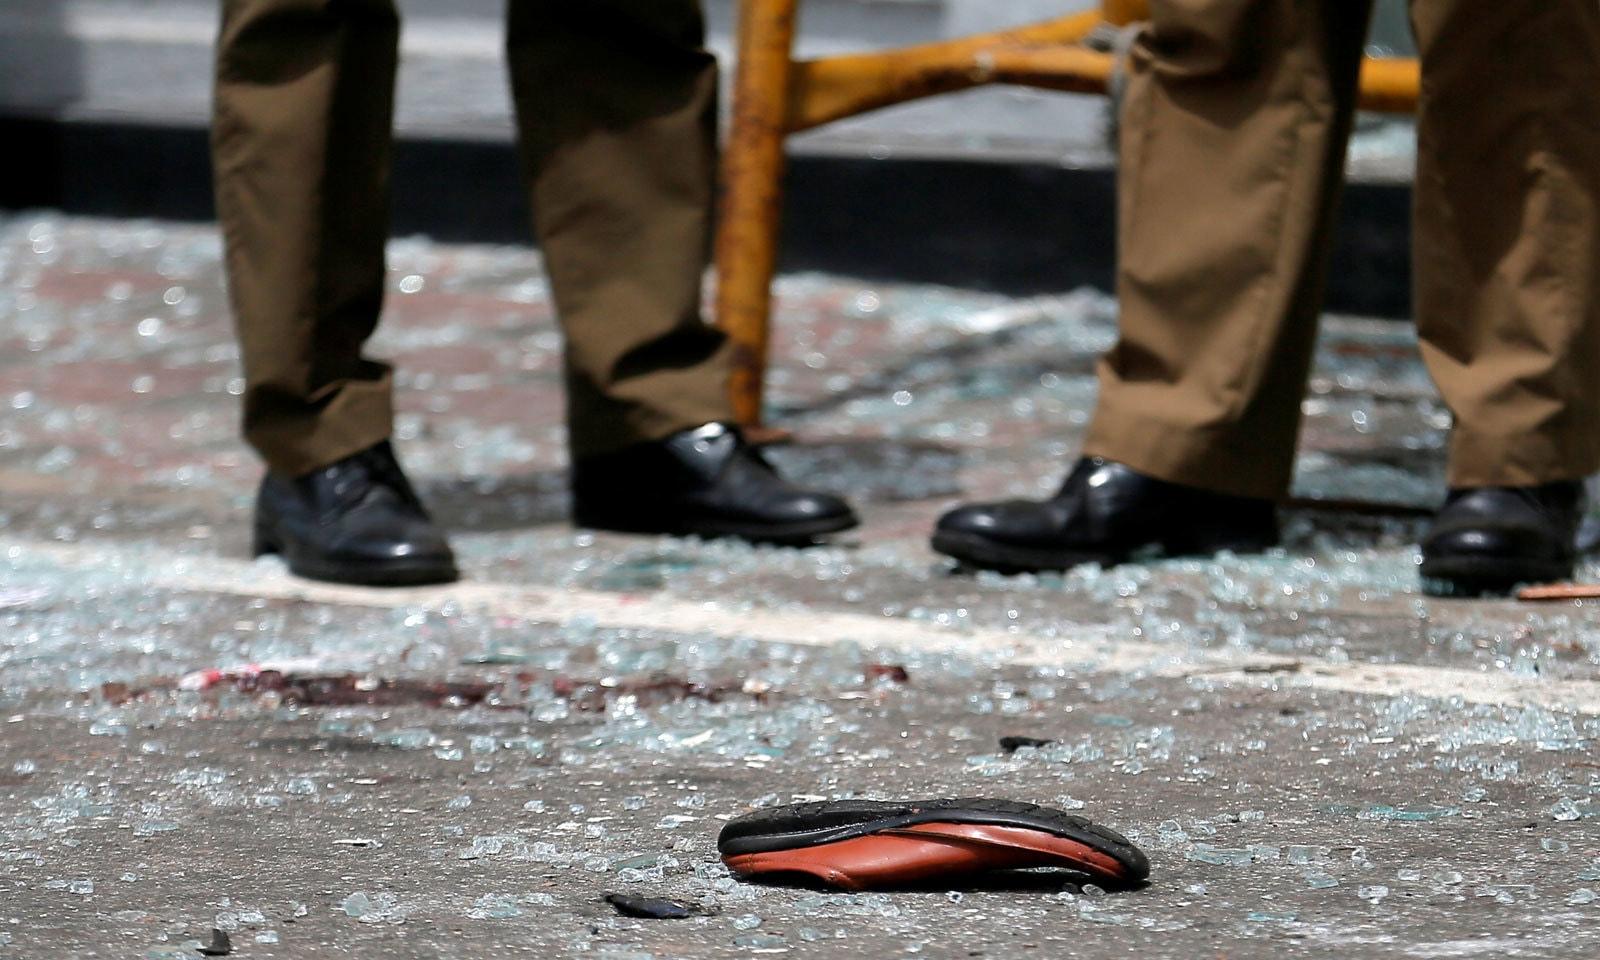 بم دھماکے دھماکے ایسٹر کی تقریبات کے موقع پر 3 مسیحی عبادت گاہوں میں ہوئے — فوٹو:رائٹرز